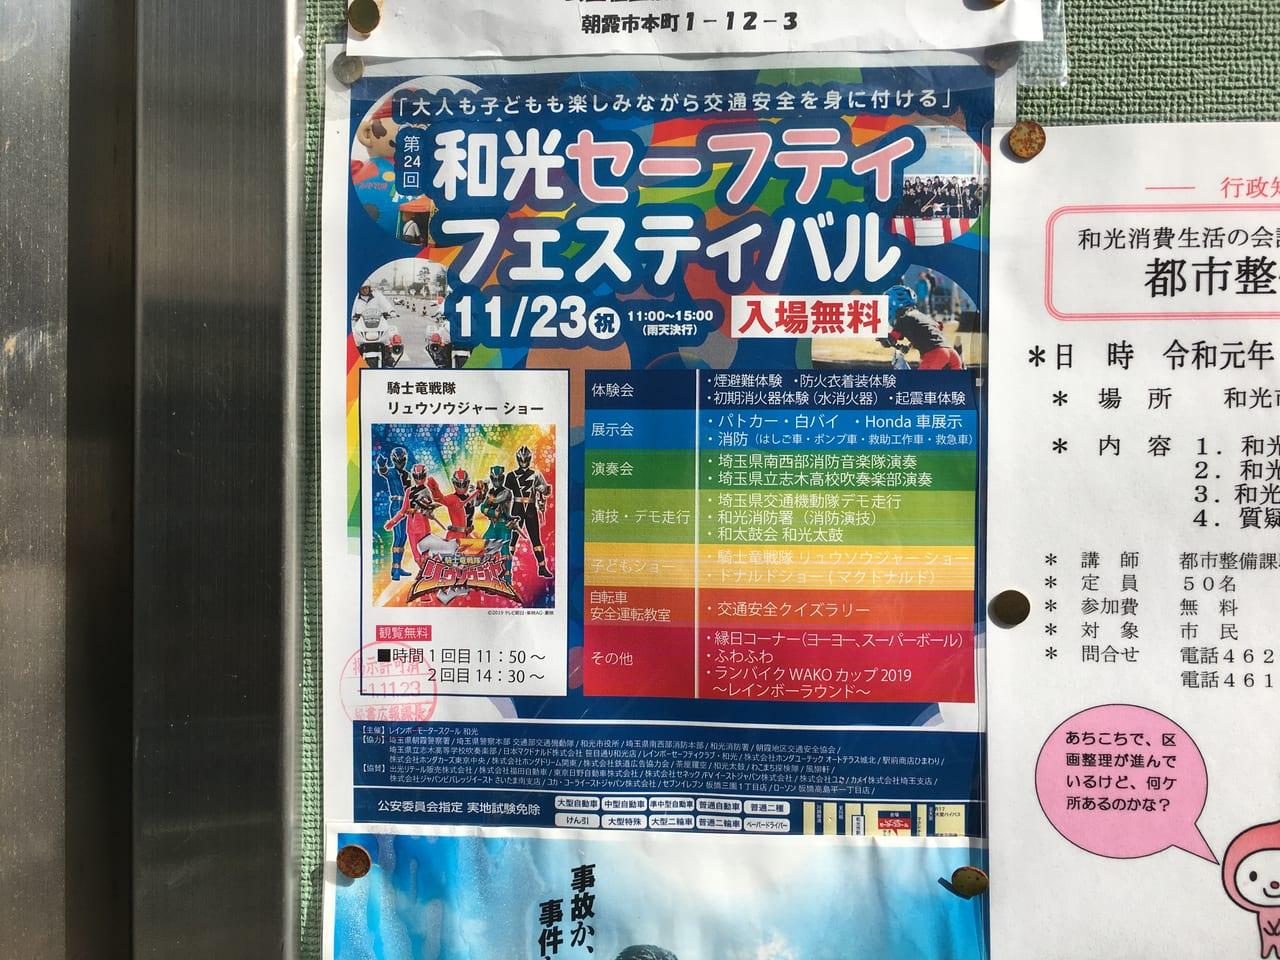 レインボー モーター スクール 福岡